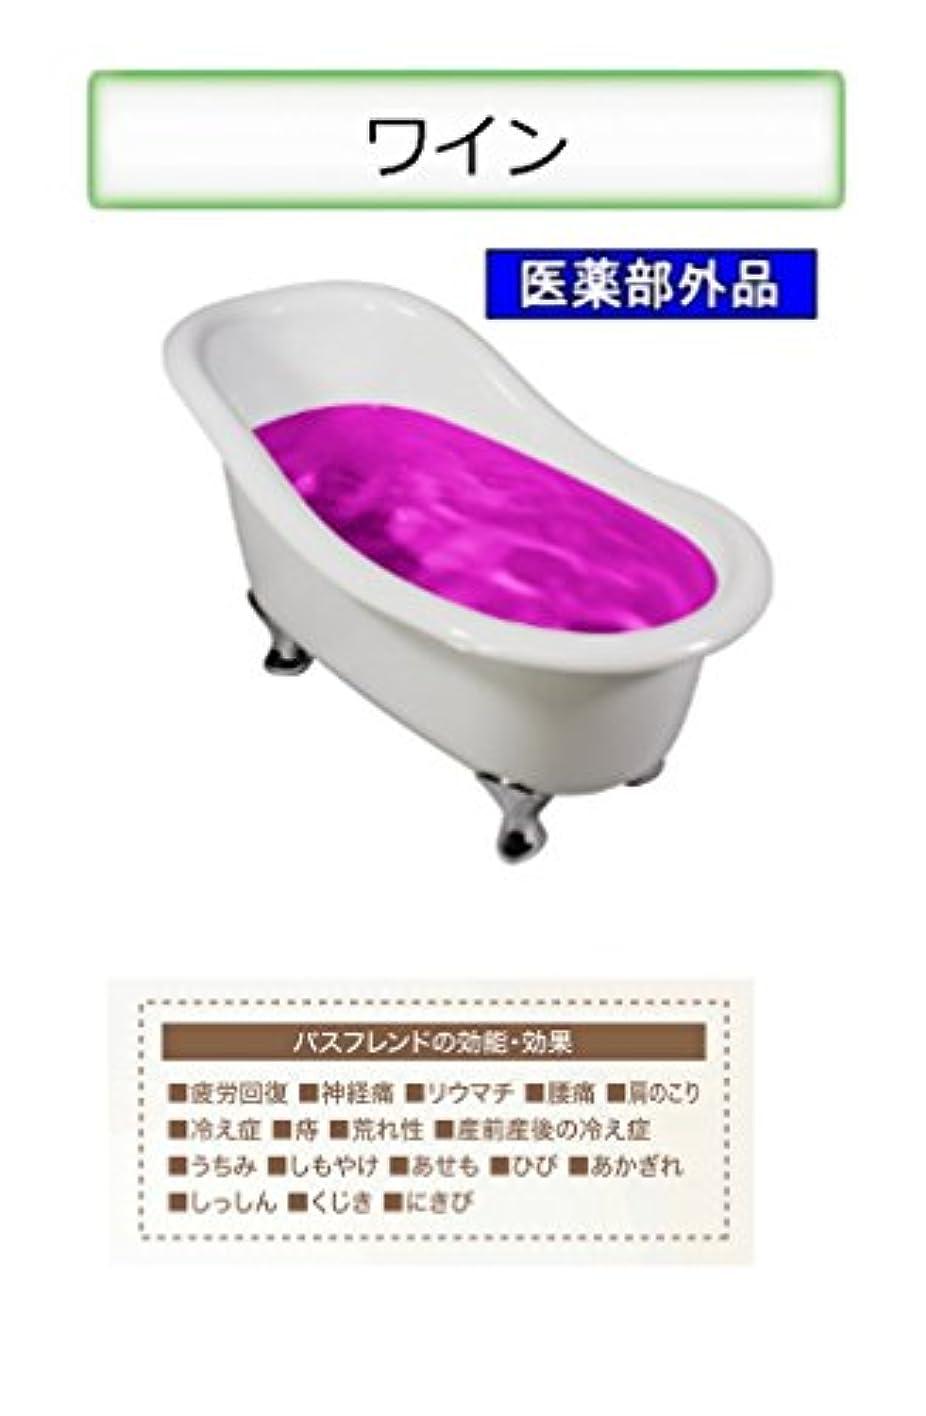 のれんアート血色の良い薬用入浴剤 バスフレンド/伊吹正 (ワイン, 17kg)